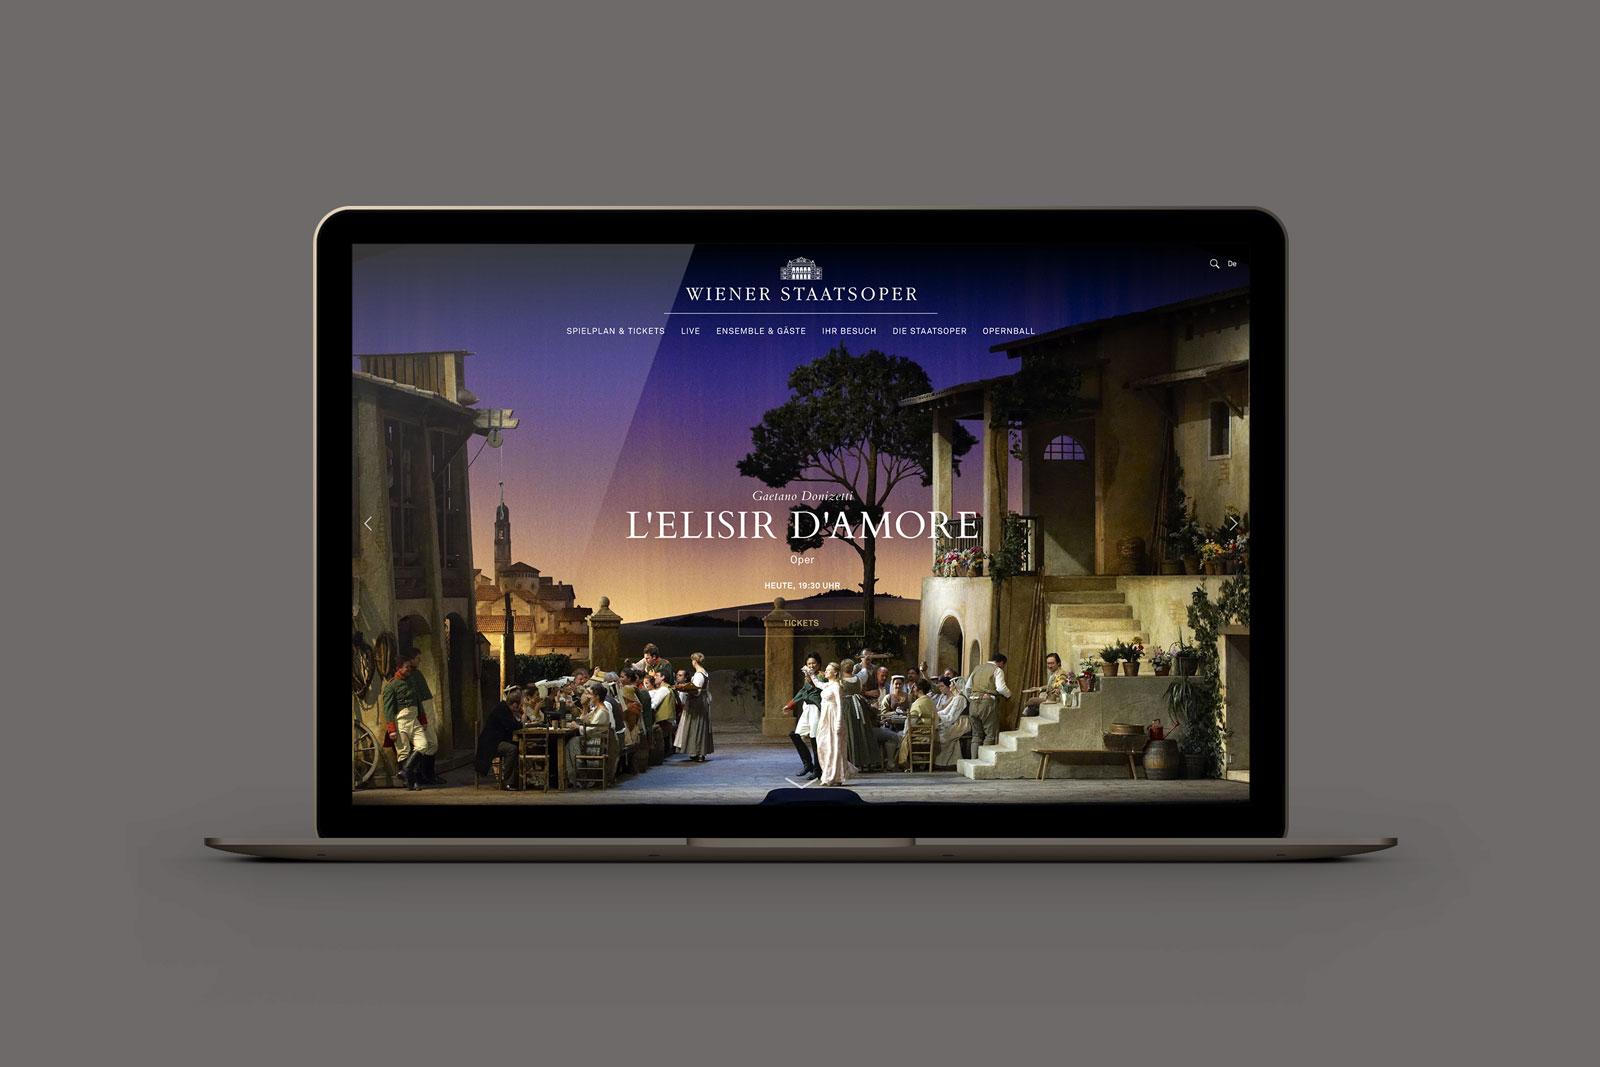 Staatsoper Wien Macbook 01